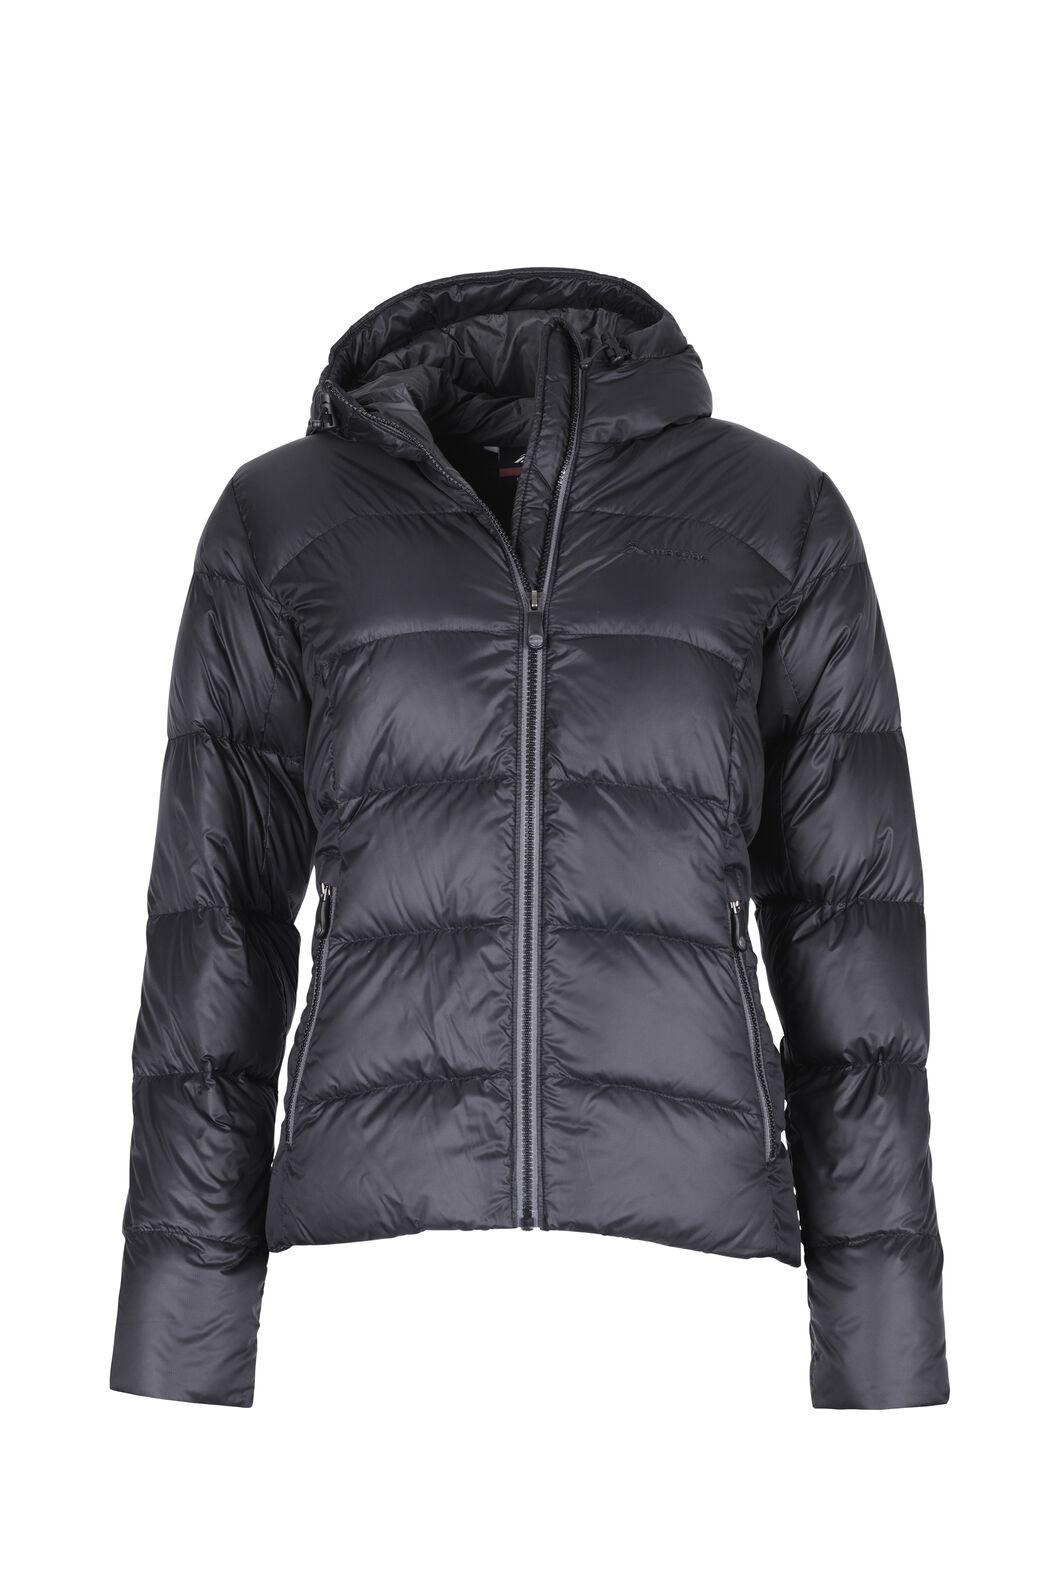 Macpac Sundowner HyperDRY™ Hooded Down Jacket — Women's, Black, hi-res